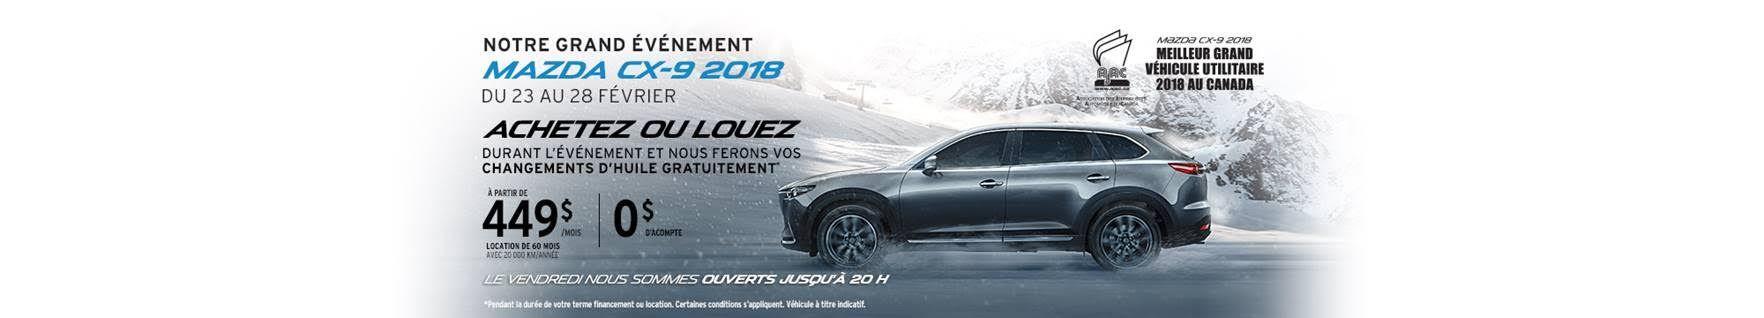 Événement Mazda CX-9 2018